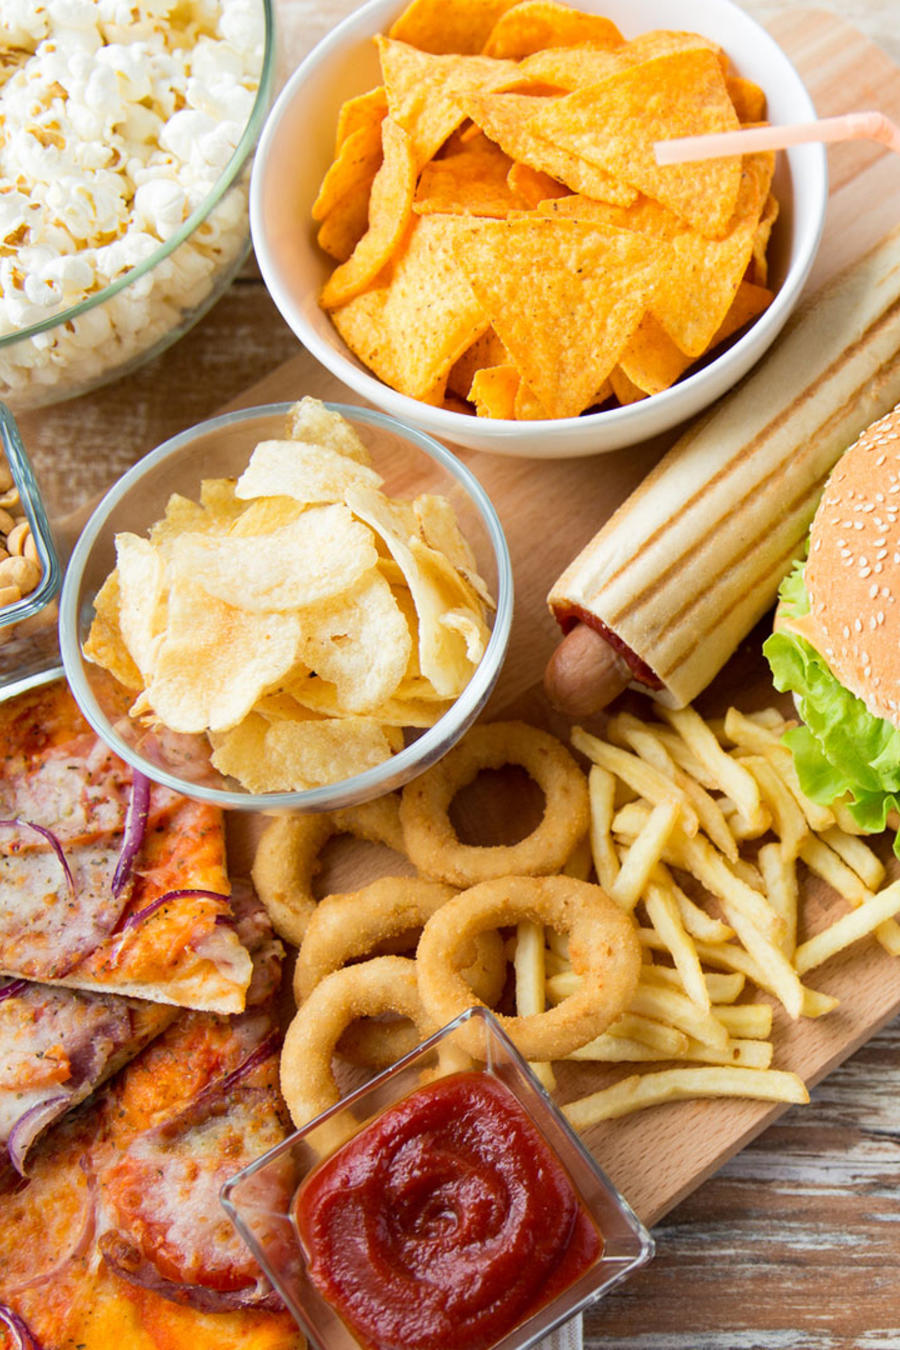 Variedad comida chatarra